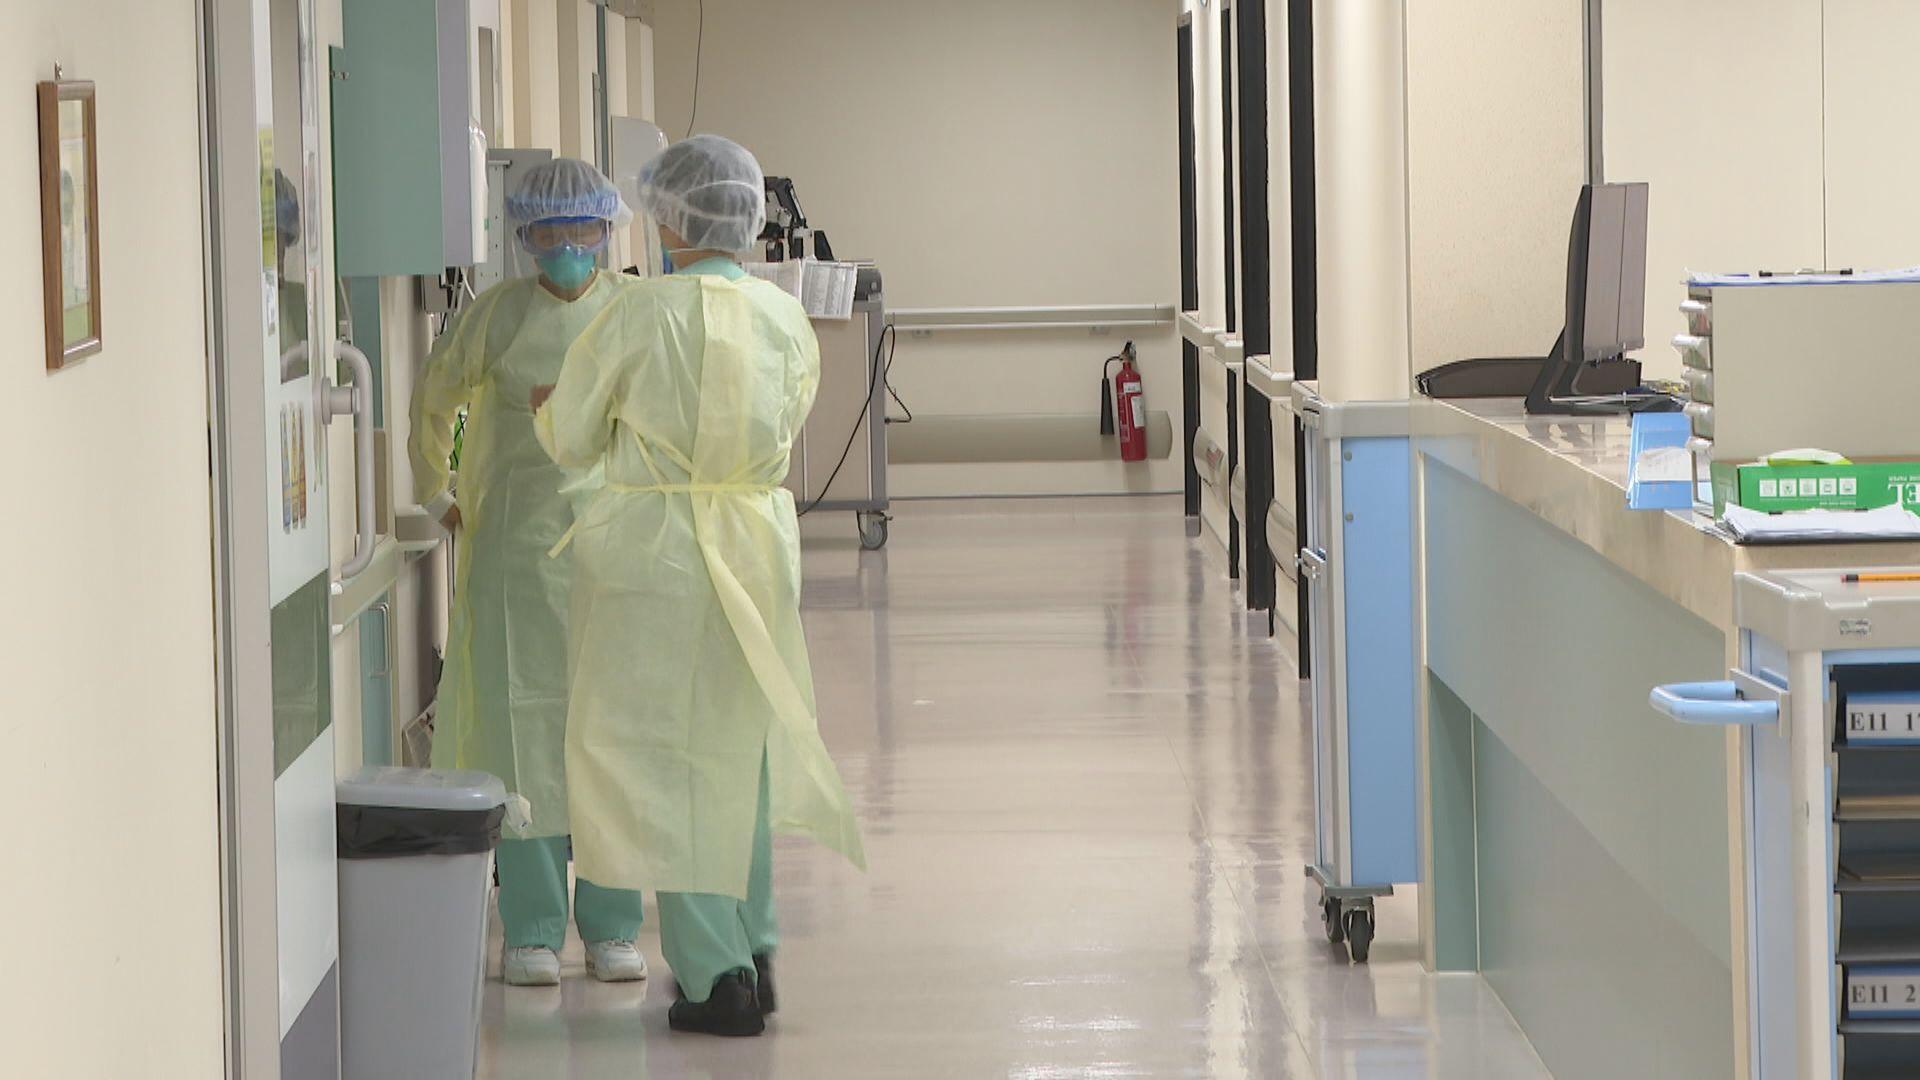 醫管局:新冠病毒患者需按病情輕重安排入院次序